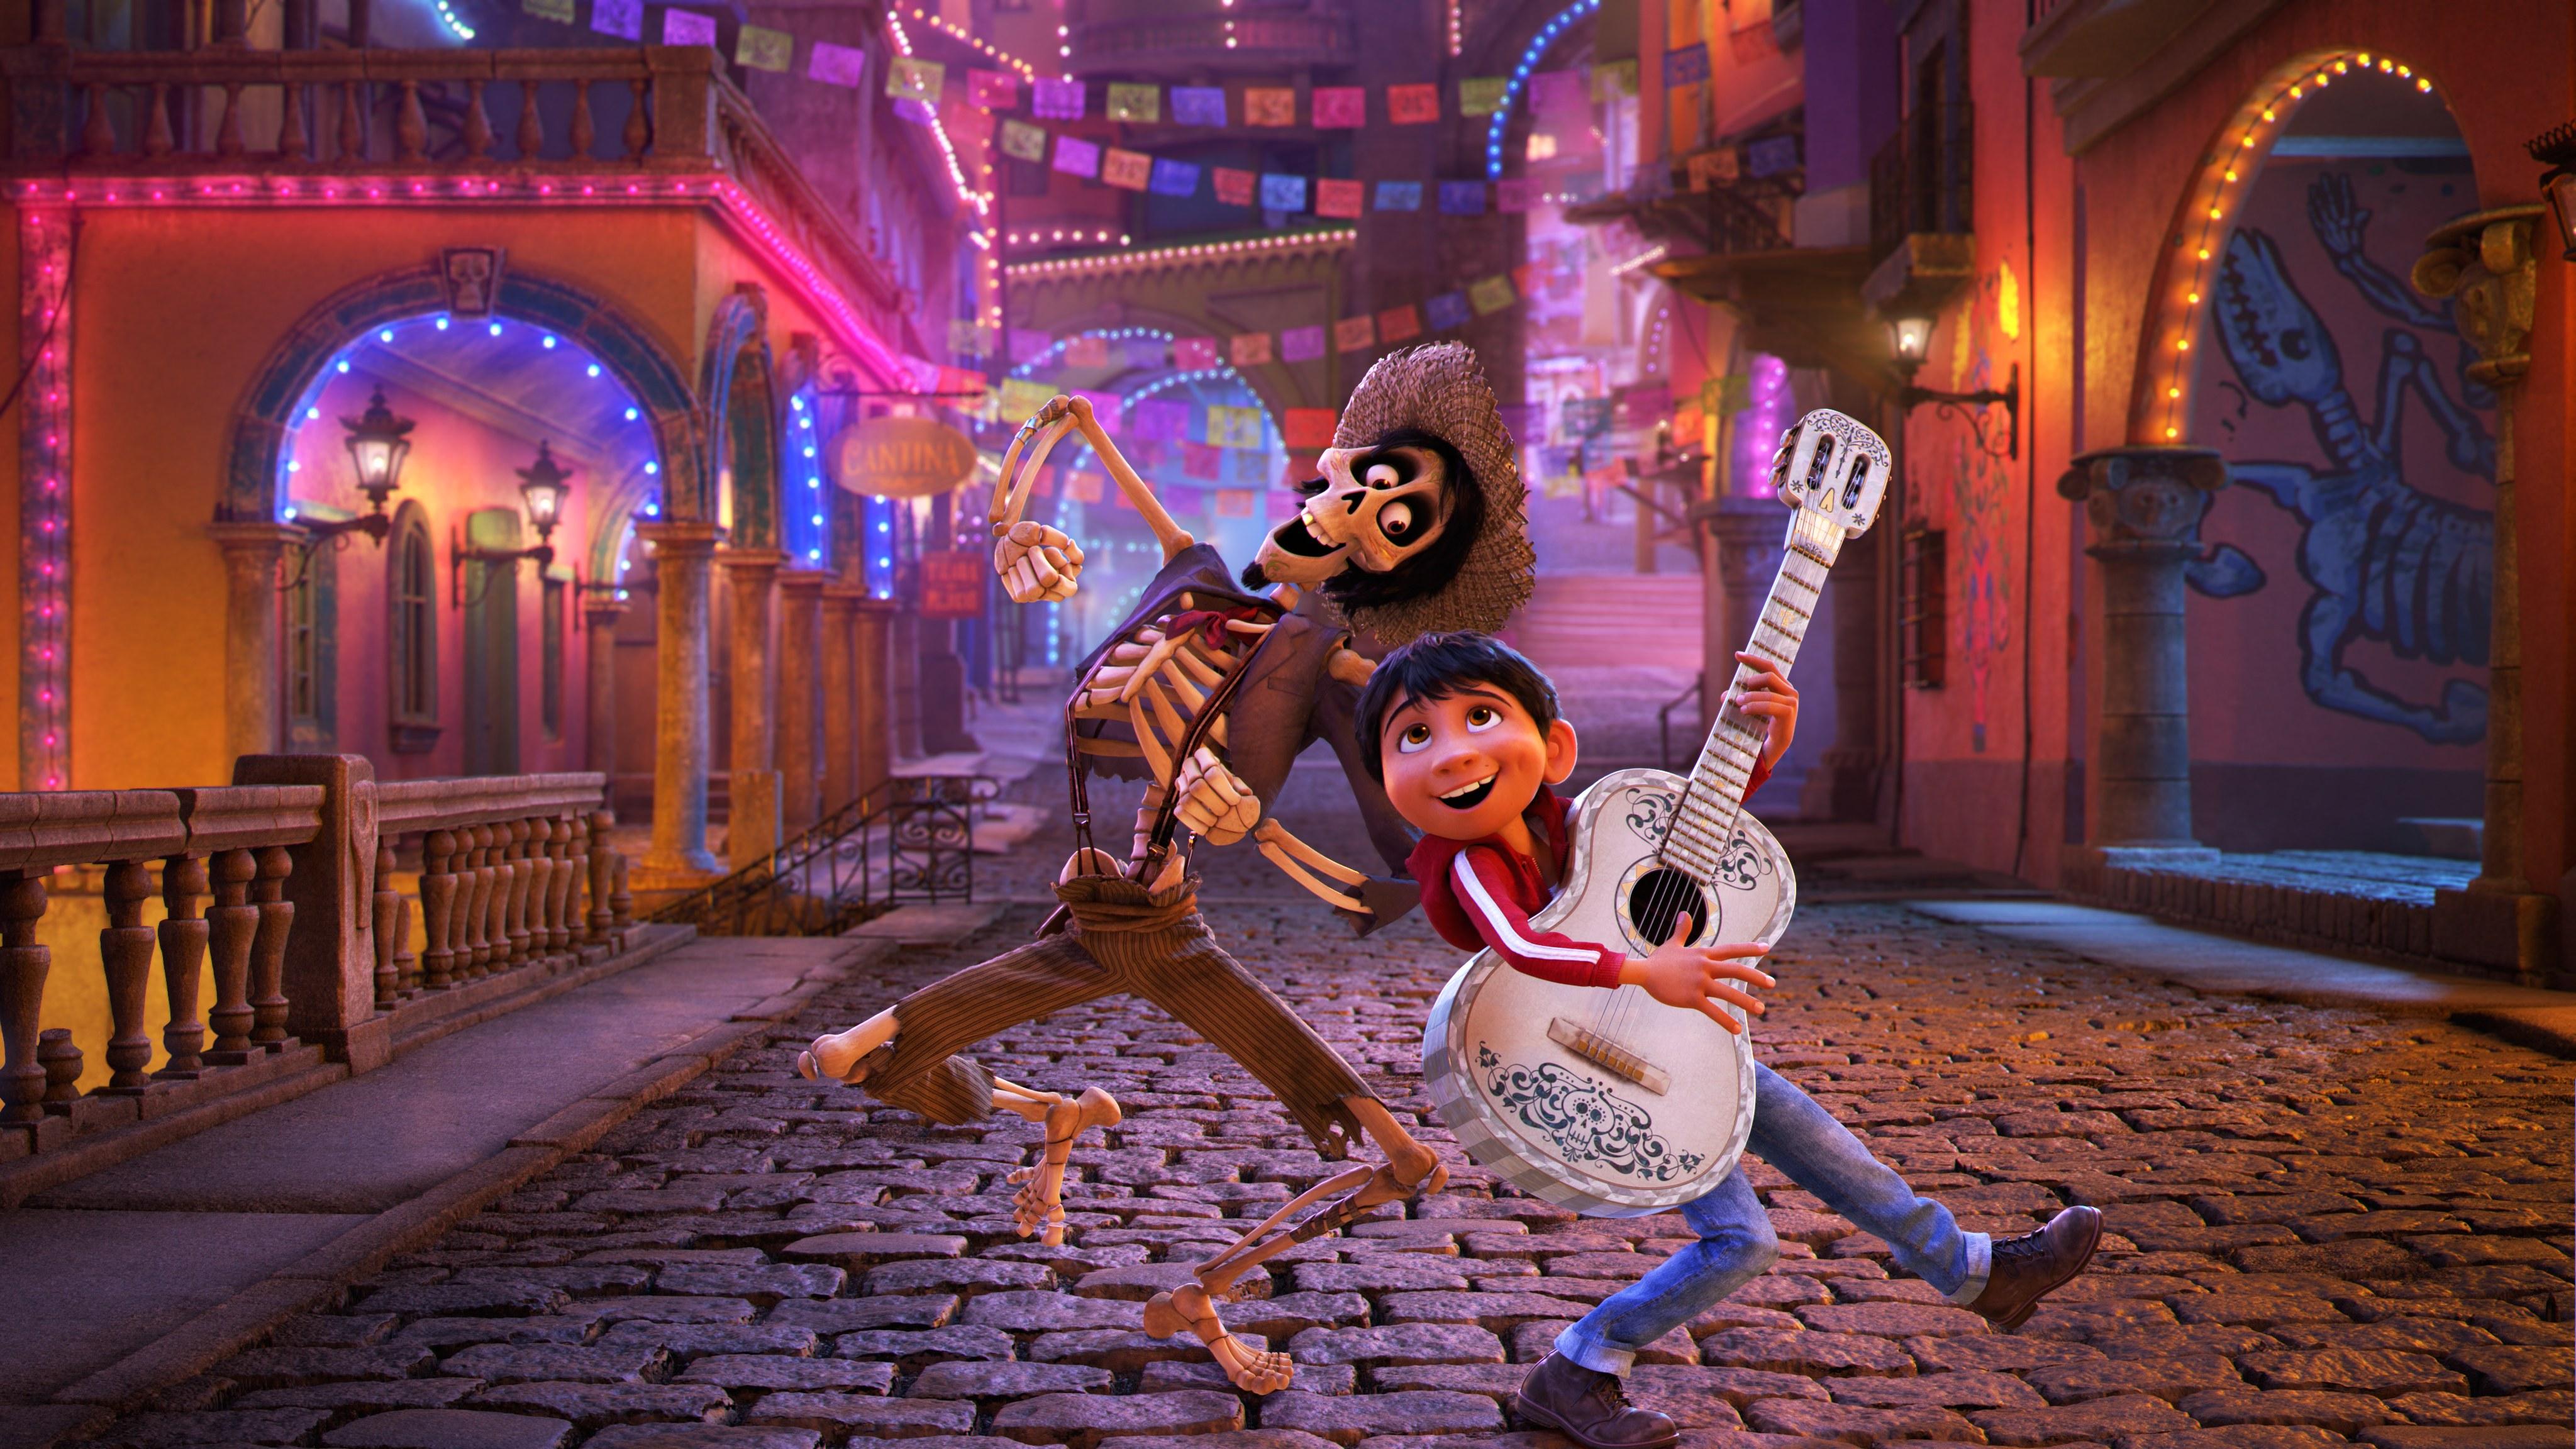 Coco. Jedna z najlepszych animacji 2017 roku.